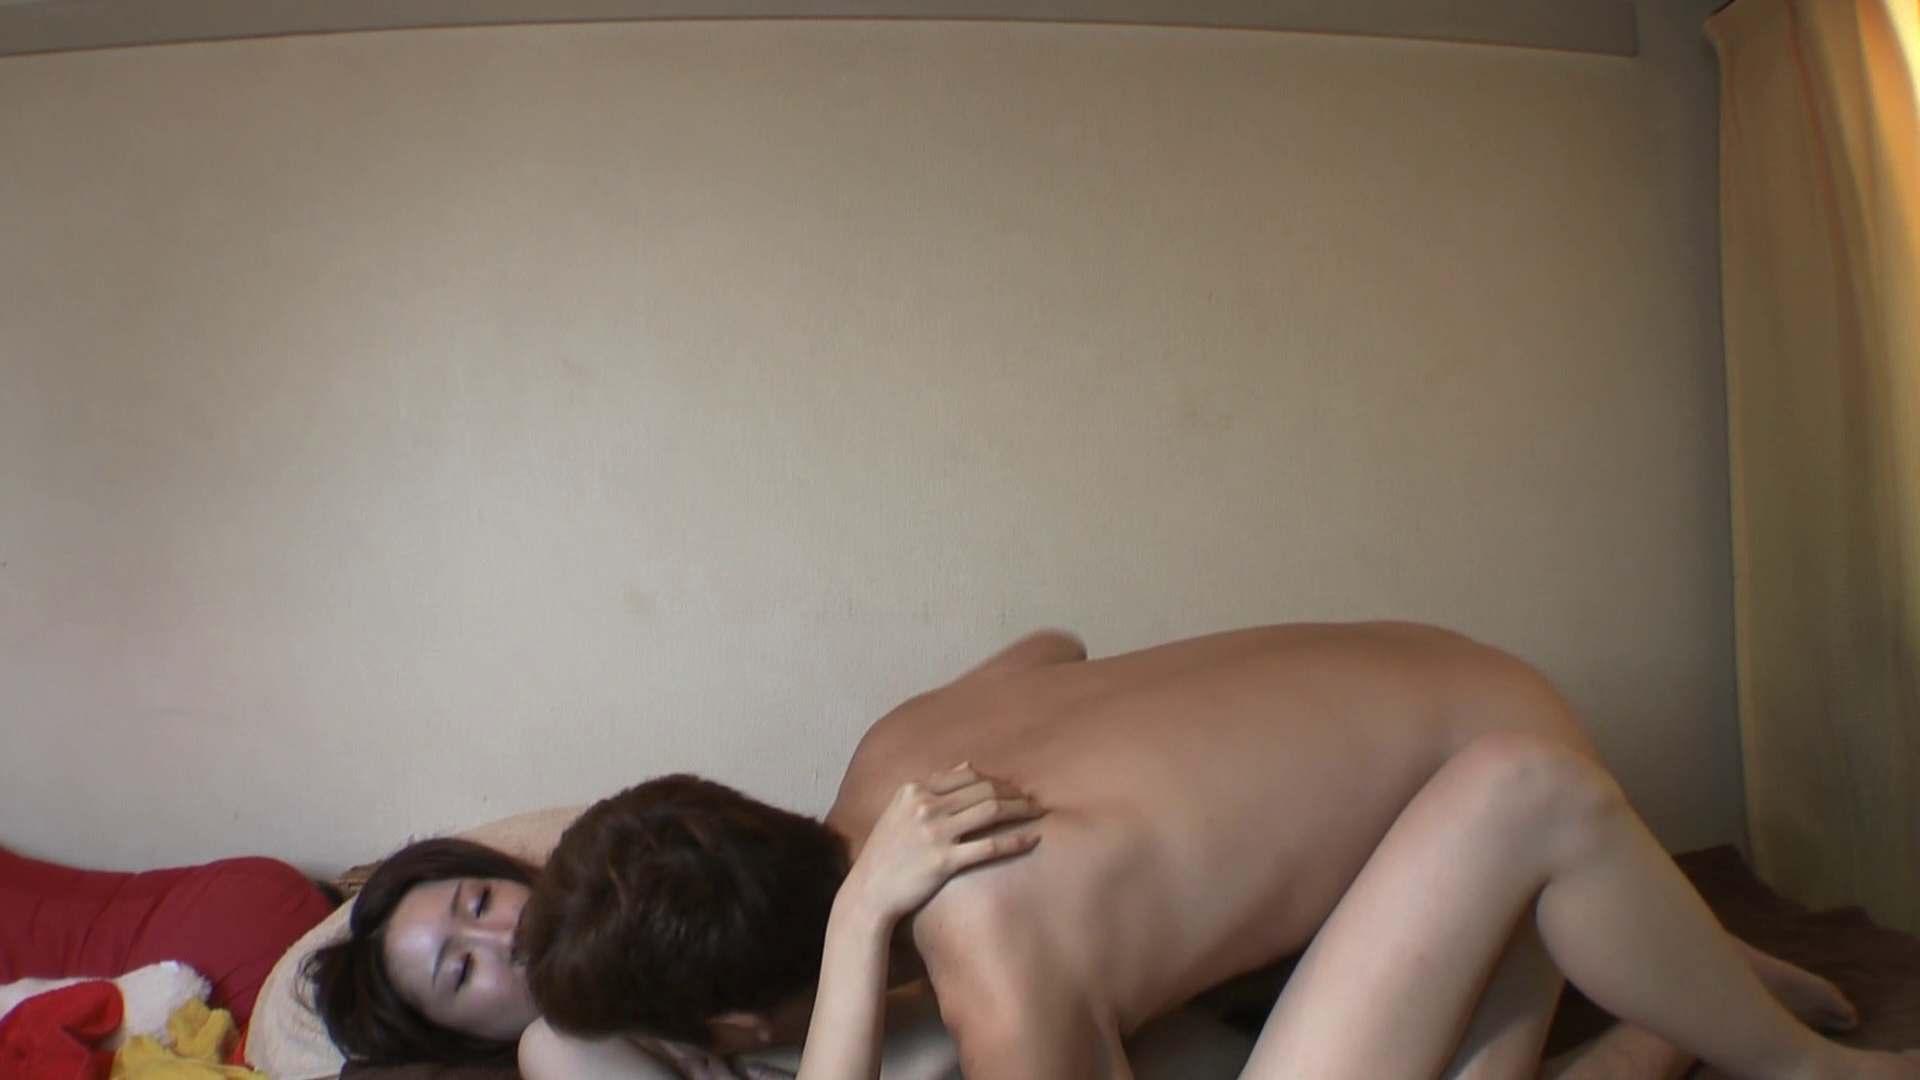 隠撮店の女の子をつまみ喰い~yukivol.4 隠撮 | OL裸体  107画像 105